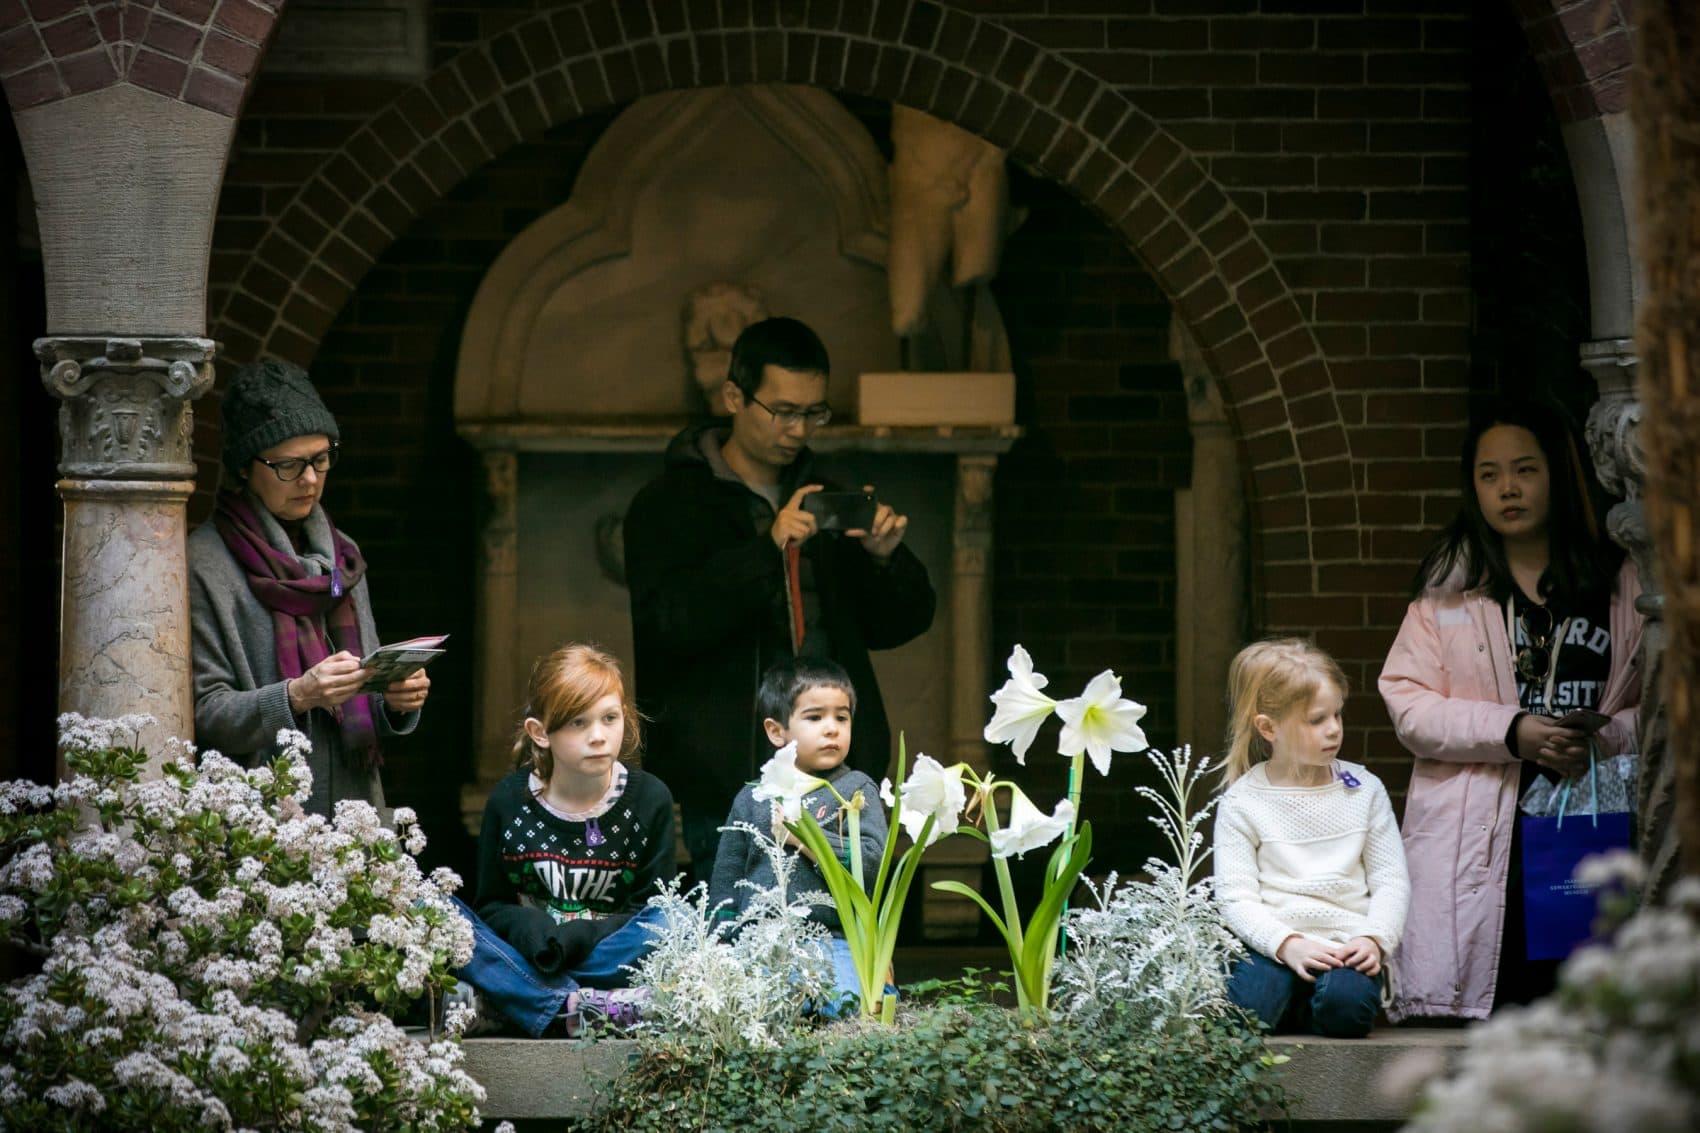 Children at the Isabella Stewart Gardner Museum. (Courtesy Matt Teuten)